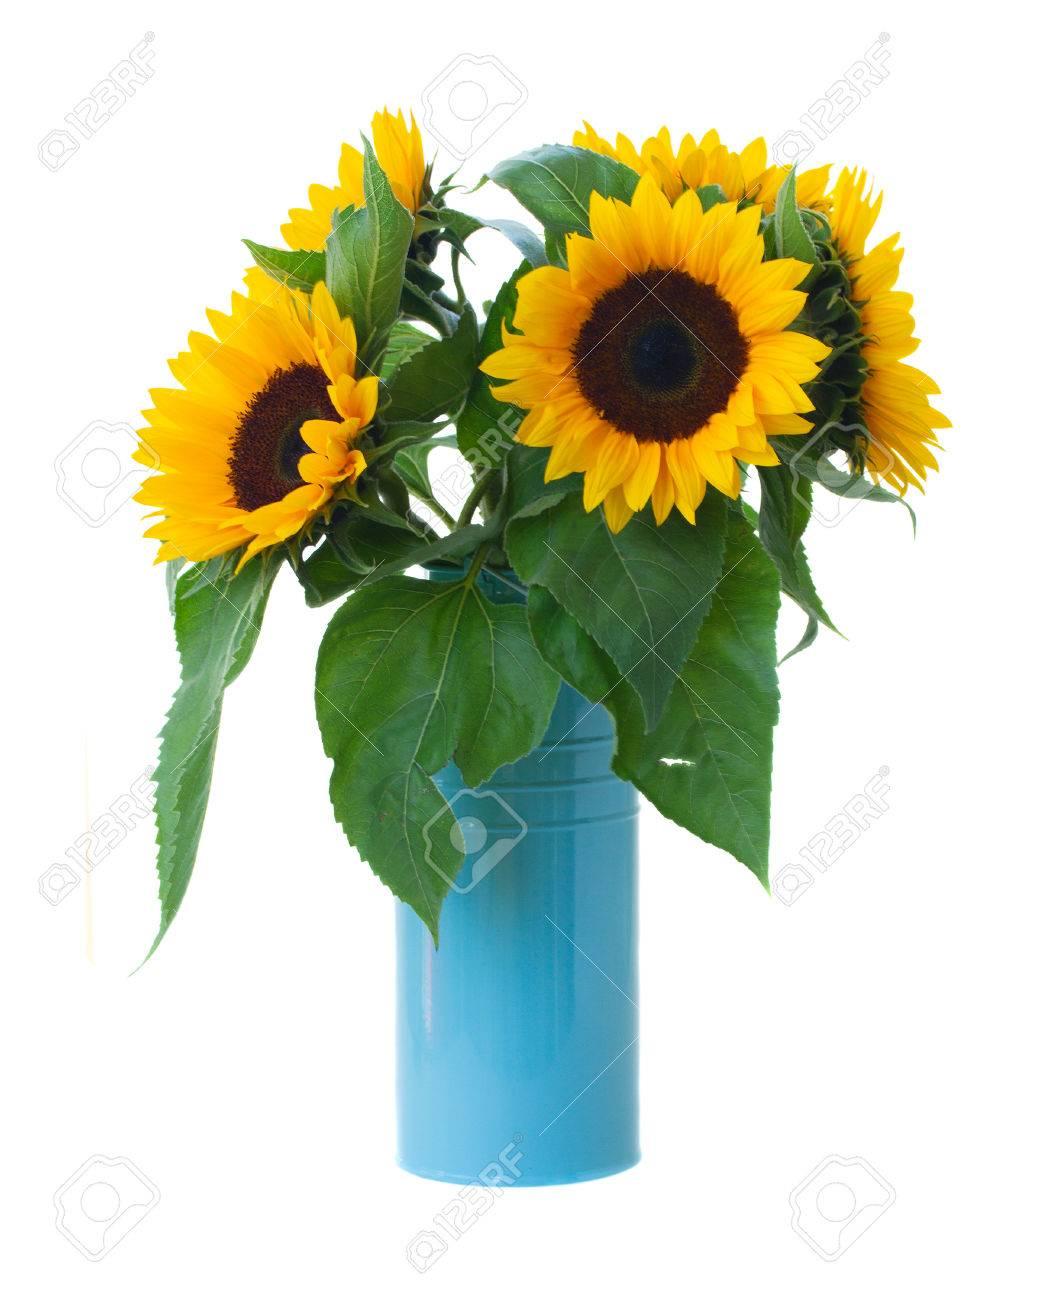 fleurs de tournesol bouquet dans un pot bleu isolé sur fond blanc